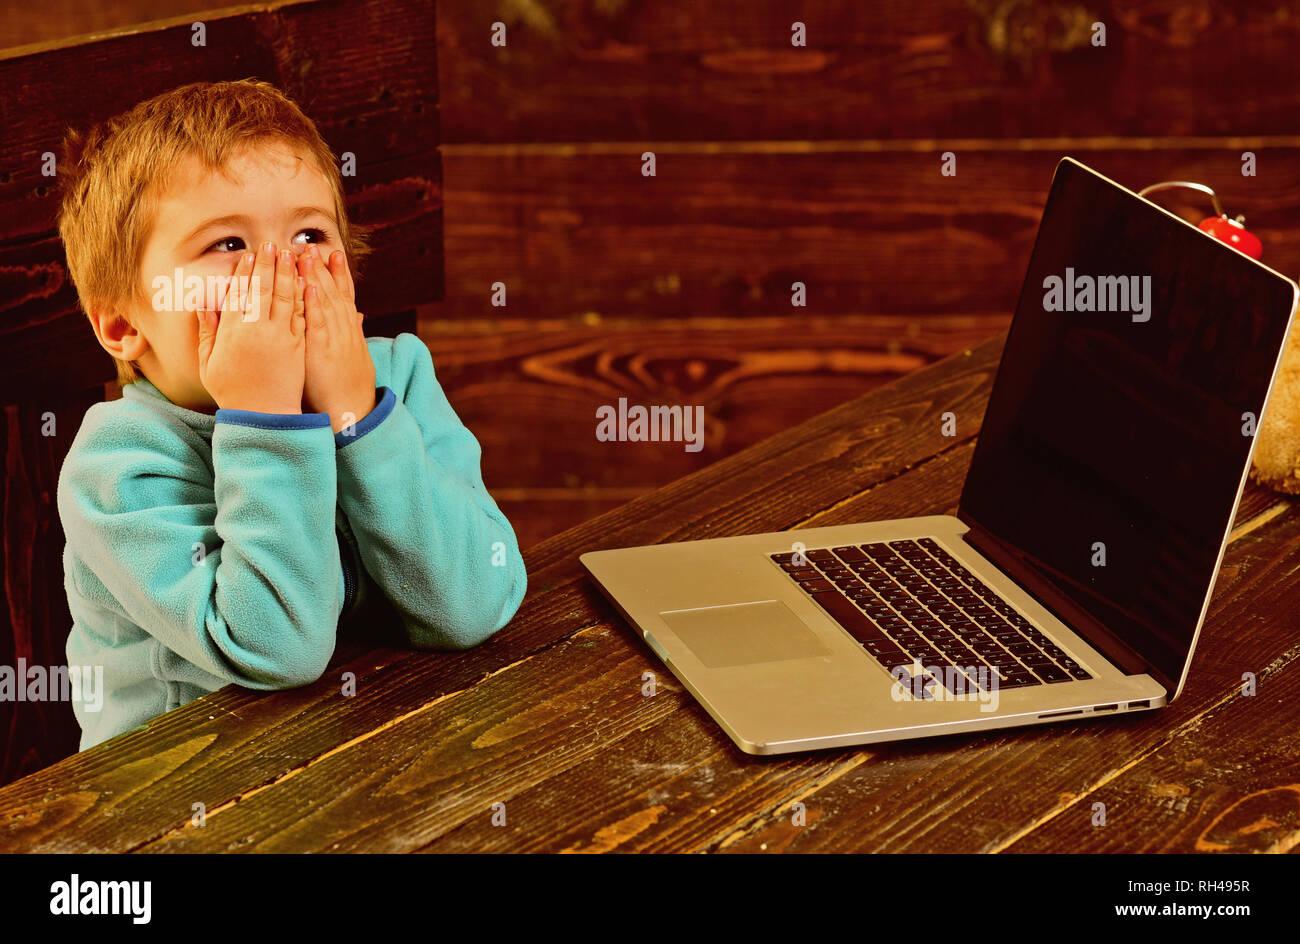 Educazione on line. Online istruzione nella scuola elementare. Little Boy utilizzare laptop in educazione on line. Corsi di formazione online per il bambino. Accelerando nel Immagini Stock